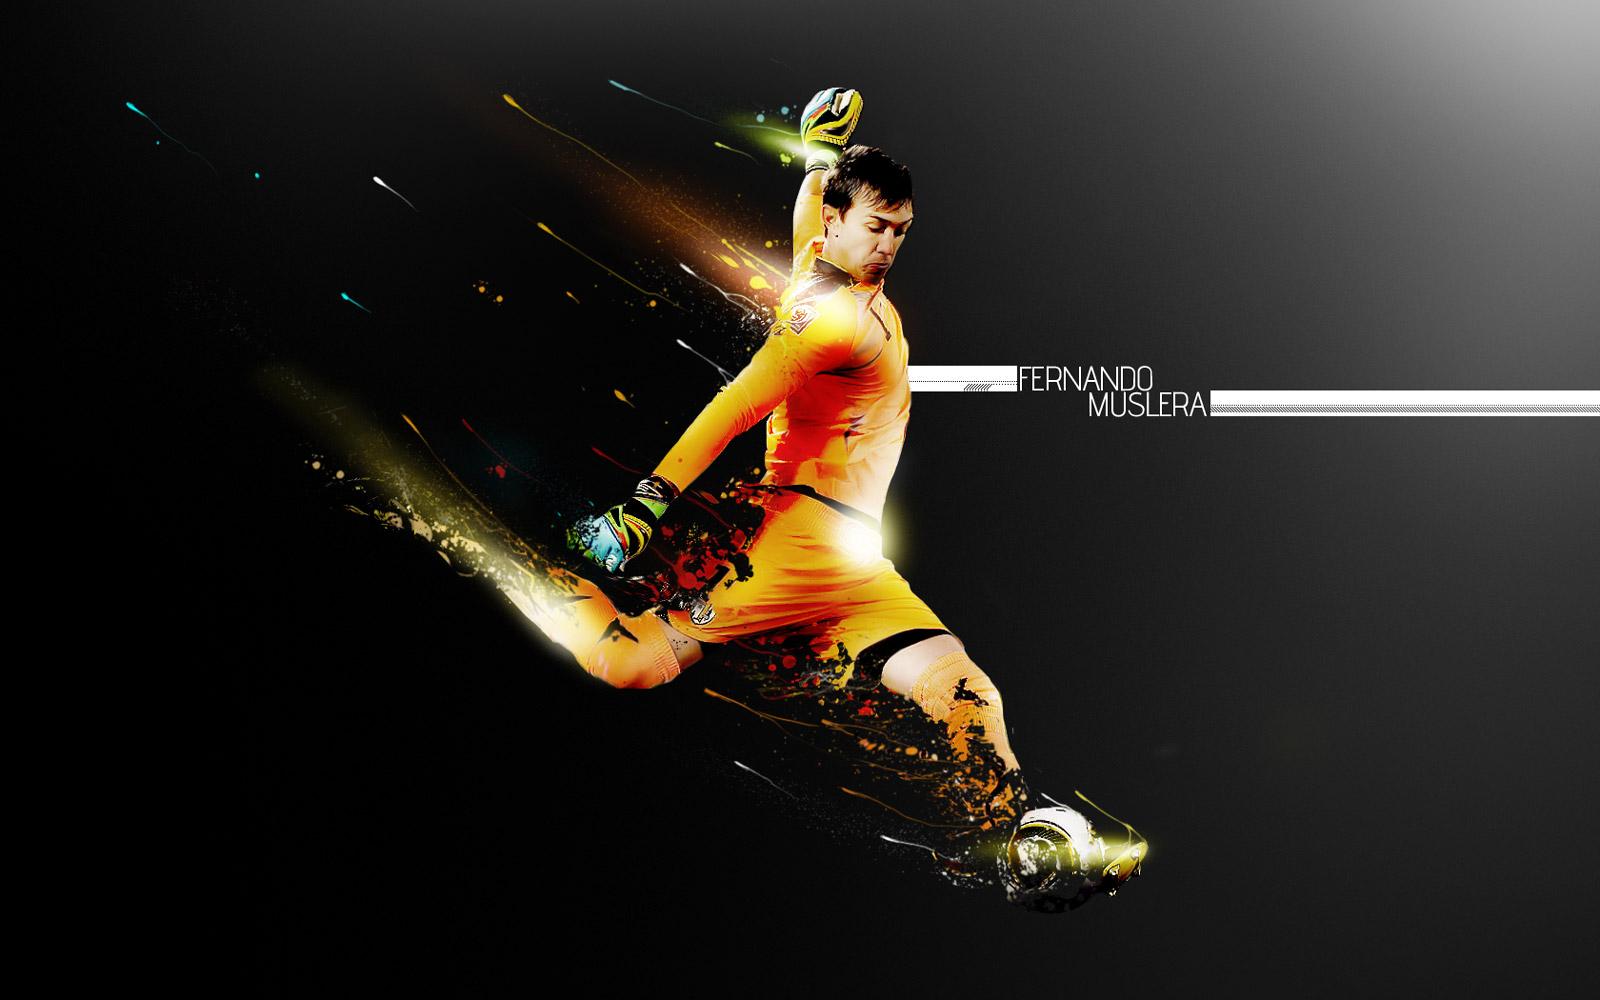 Fernando+Muslera_Galatasaray_2012+Wallpaper+galatasaray-duvar-kagıdı ...